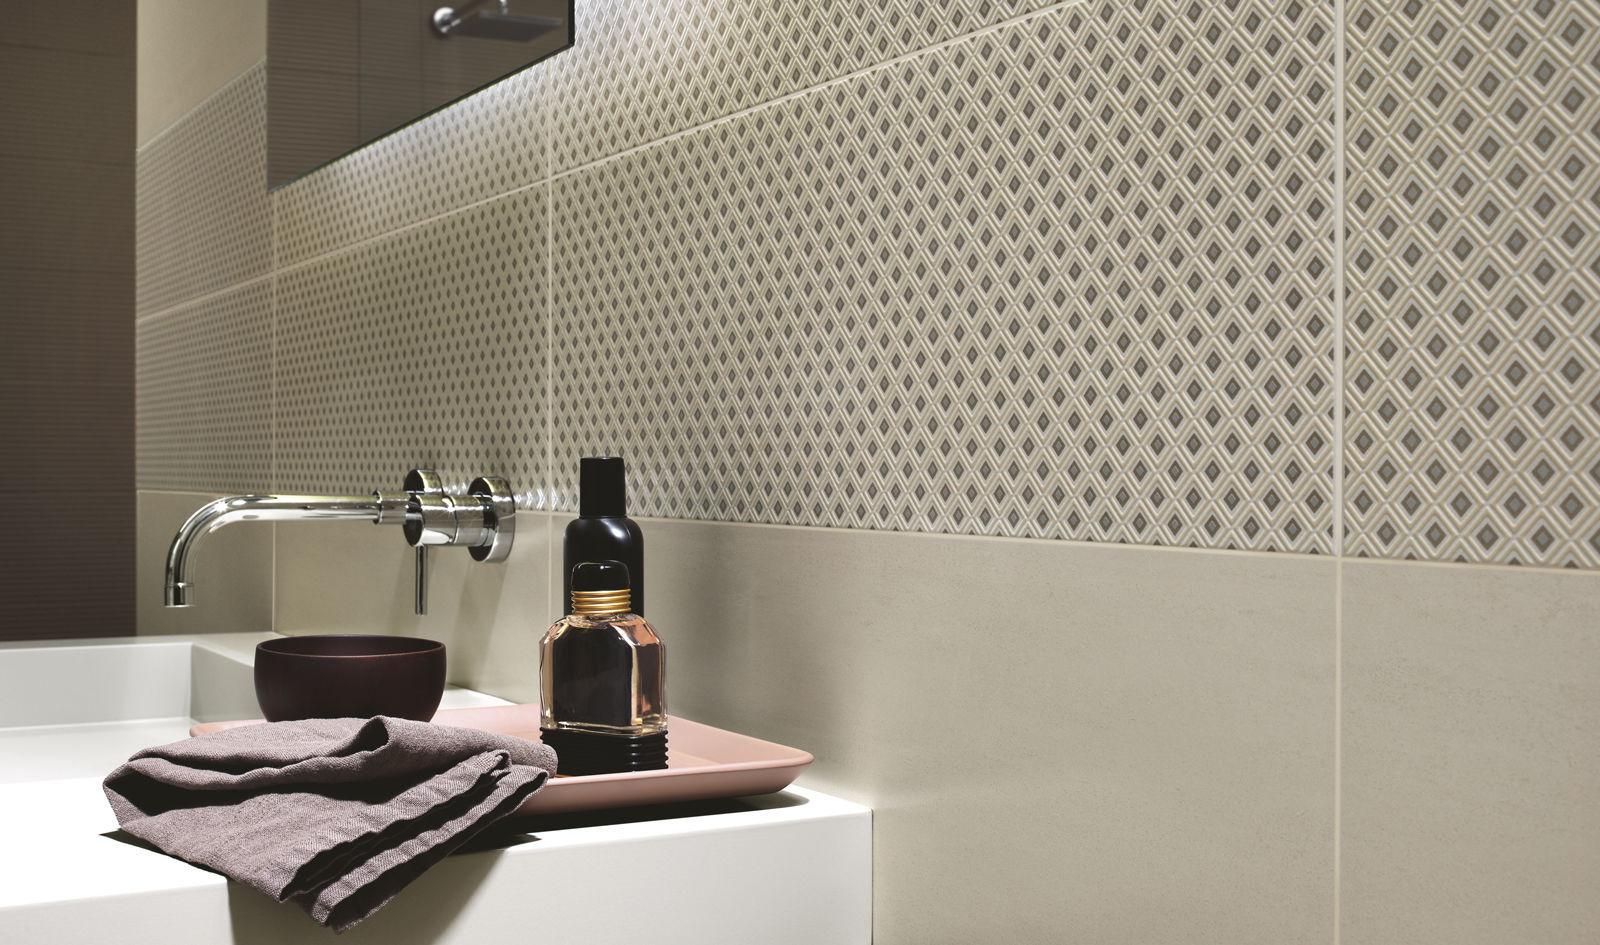 Carrelage de salle de bain / mural / en céramique / velouté ...